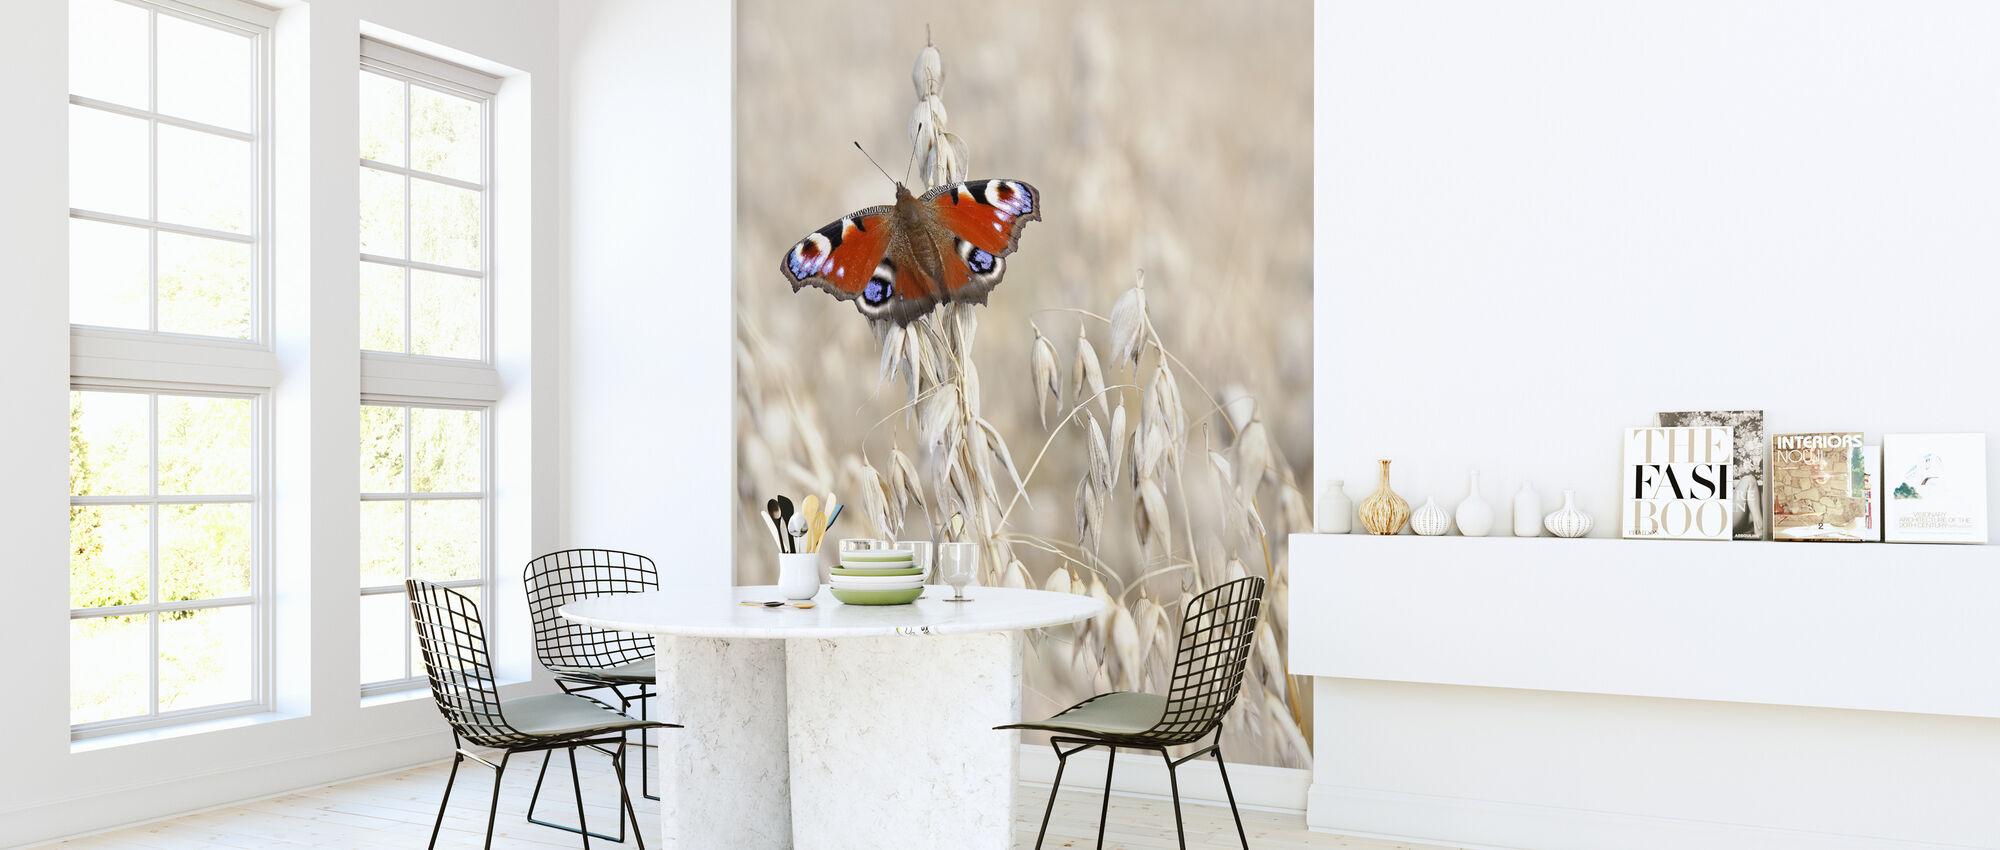 Riikinkukko Butterfly Kaura - Tapetti - Keittiö